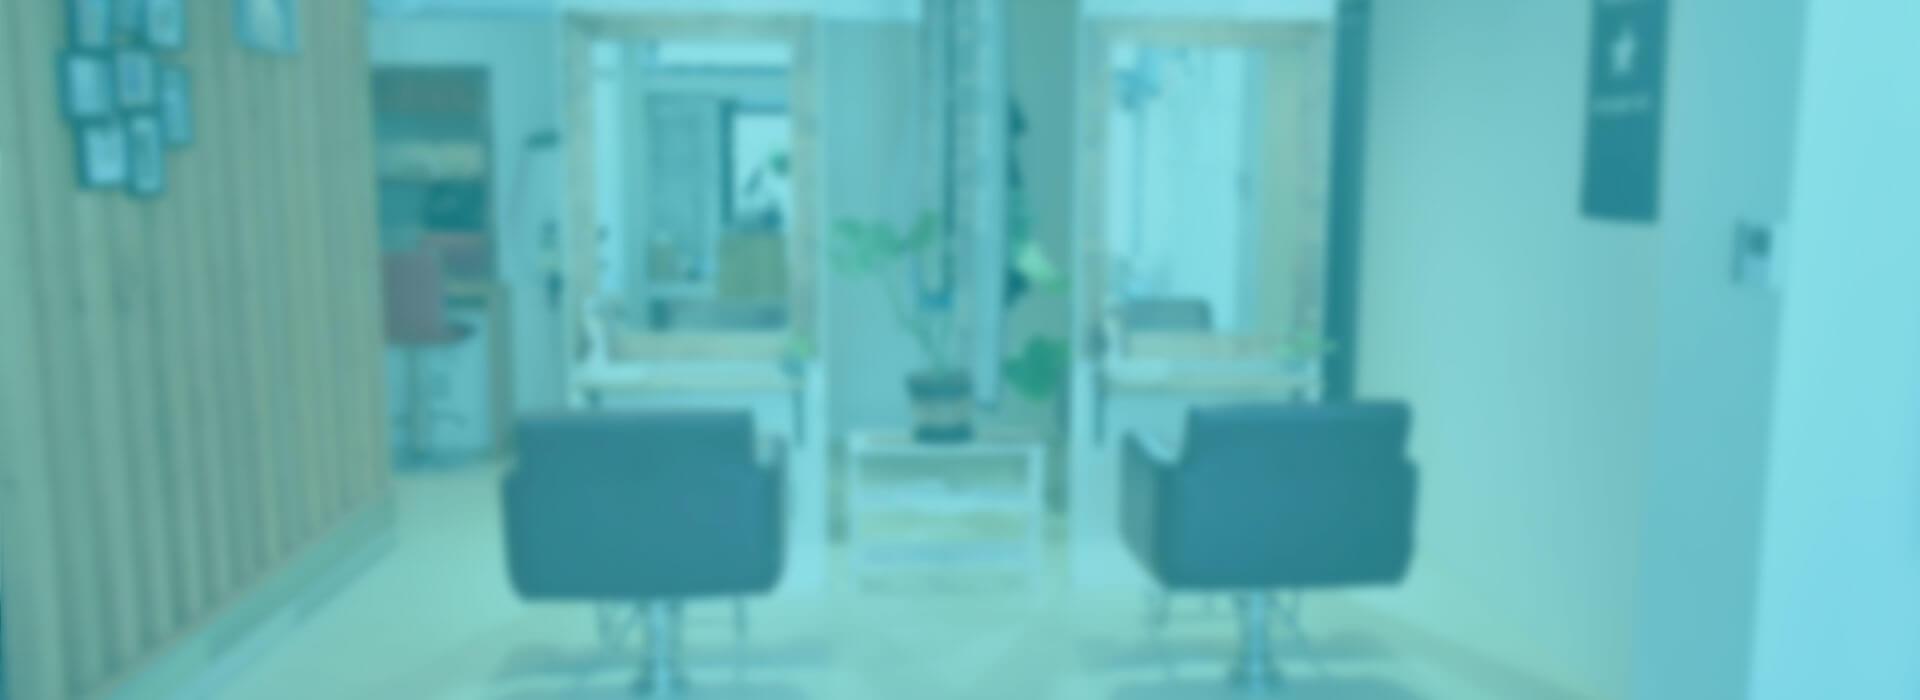 鶴間の美容院ハルワ コンセプト イメージ